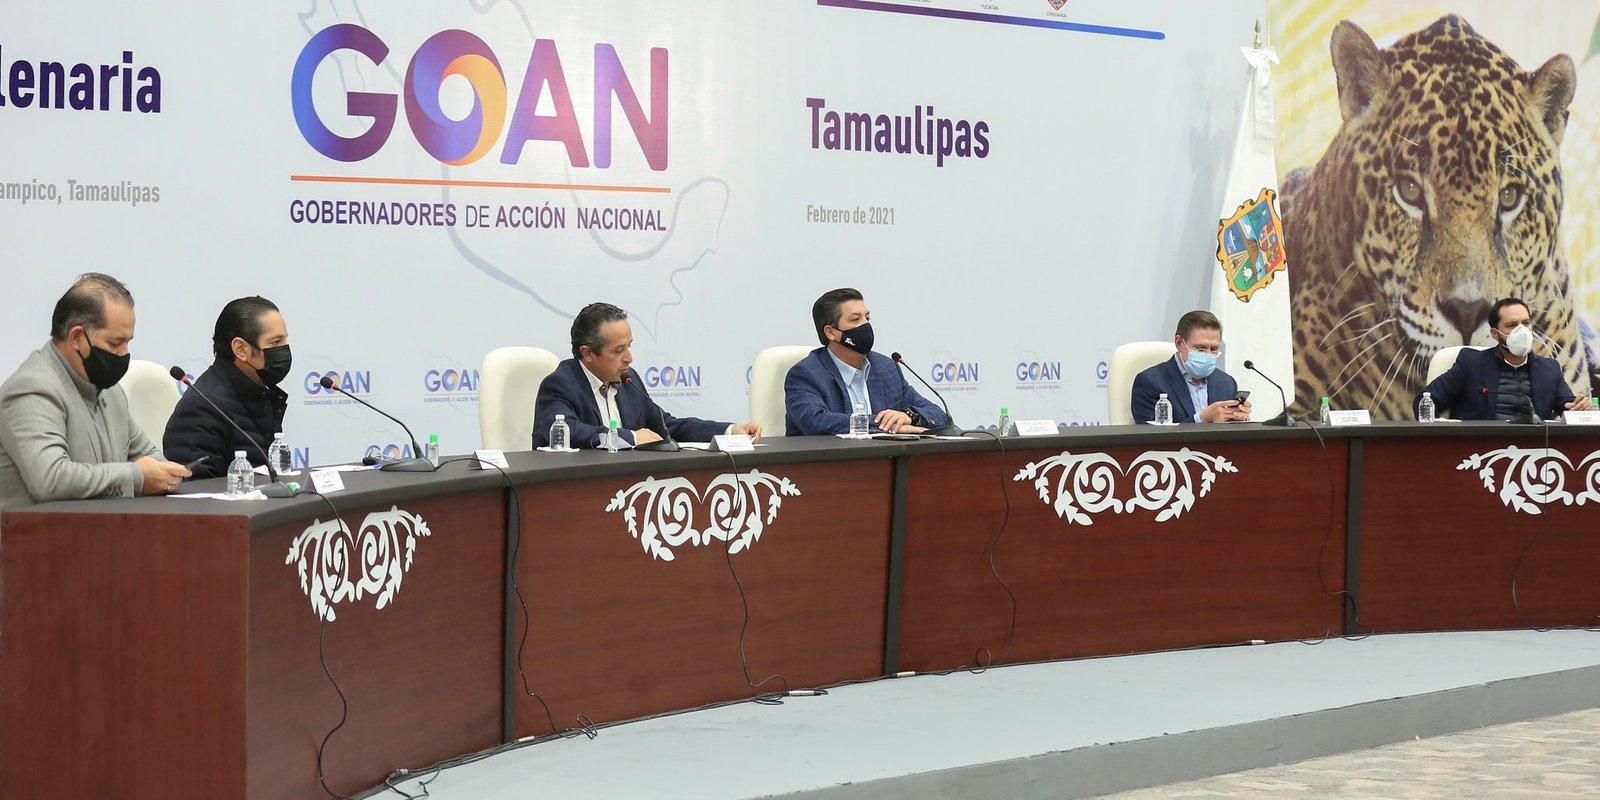 Gobernadores del PAN aceptan acuerdo por la democracia de AMLO